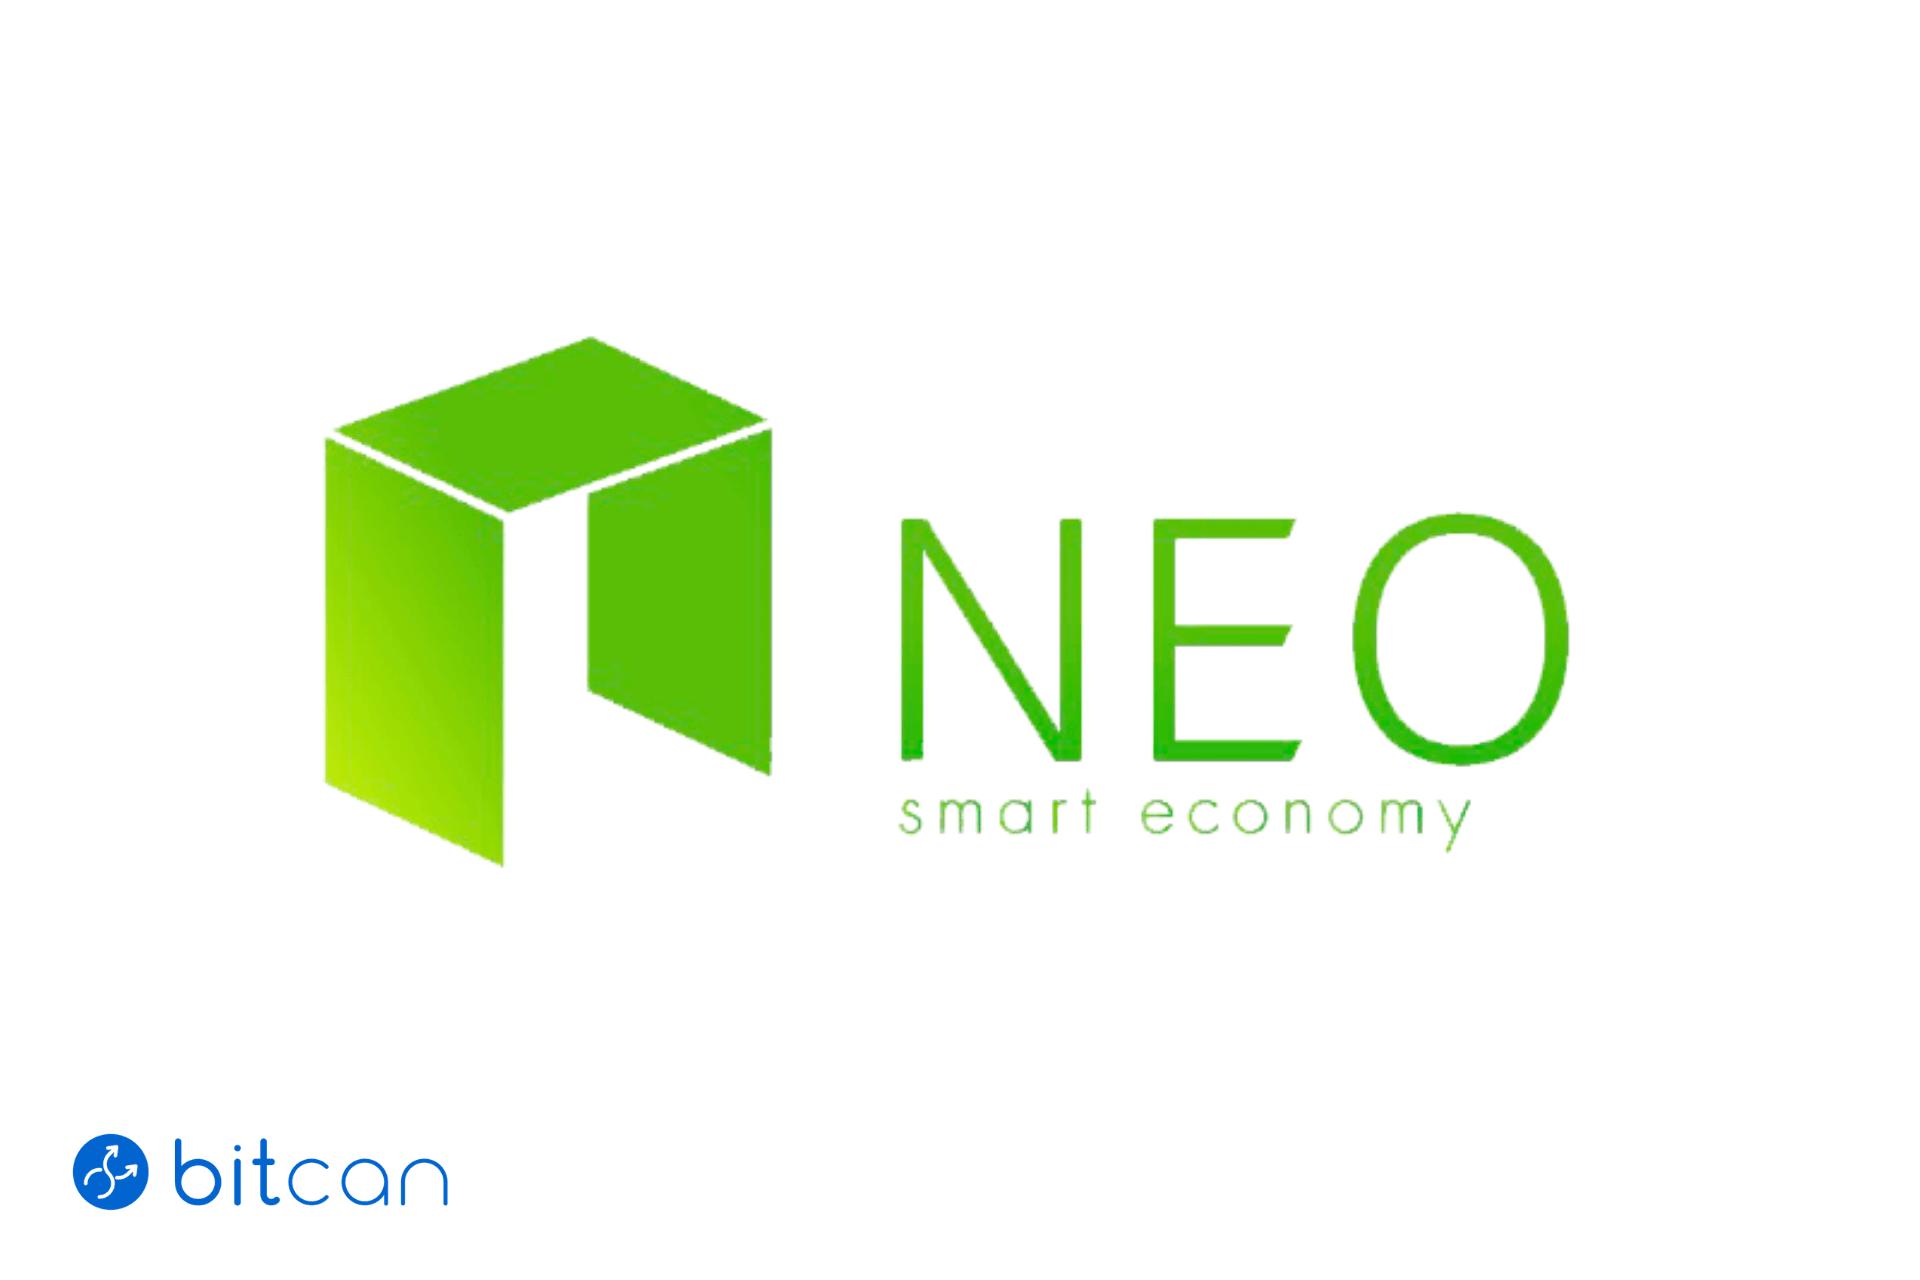 Przedstawienie projektu Neo – zdecentralizowana sieć blockchain